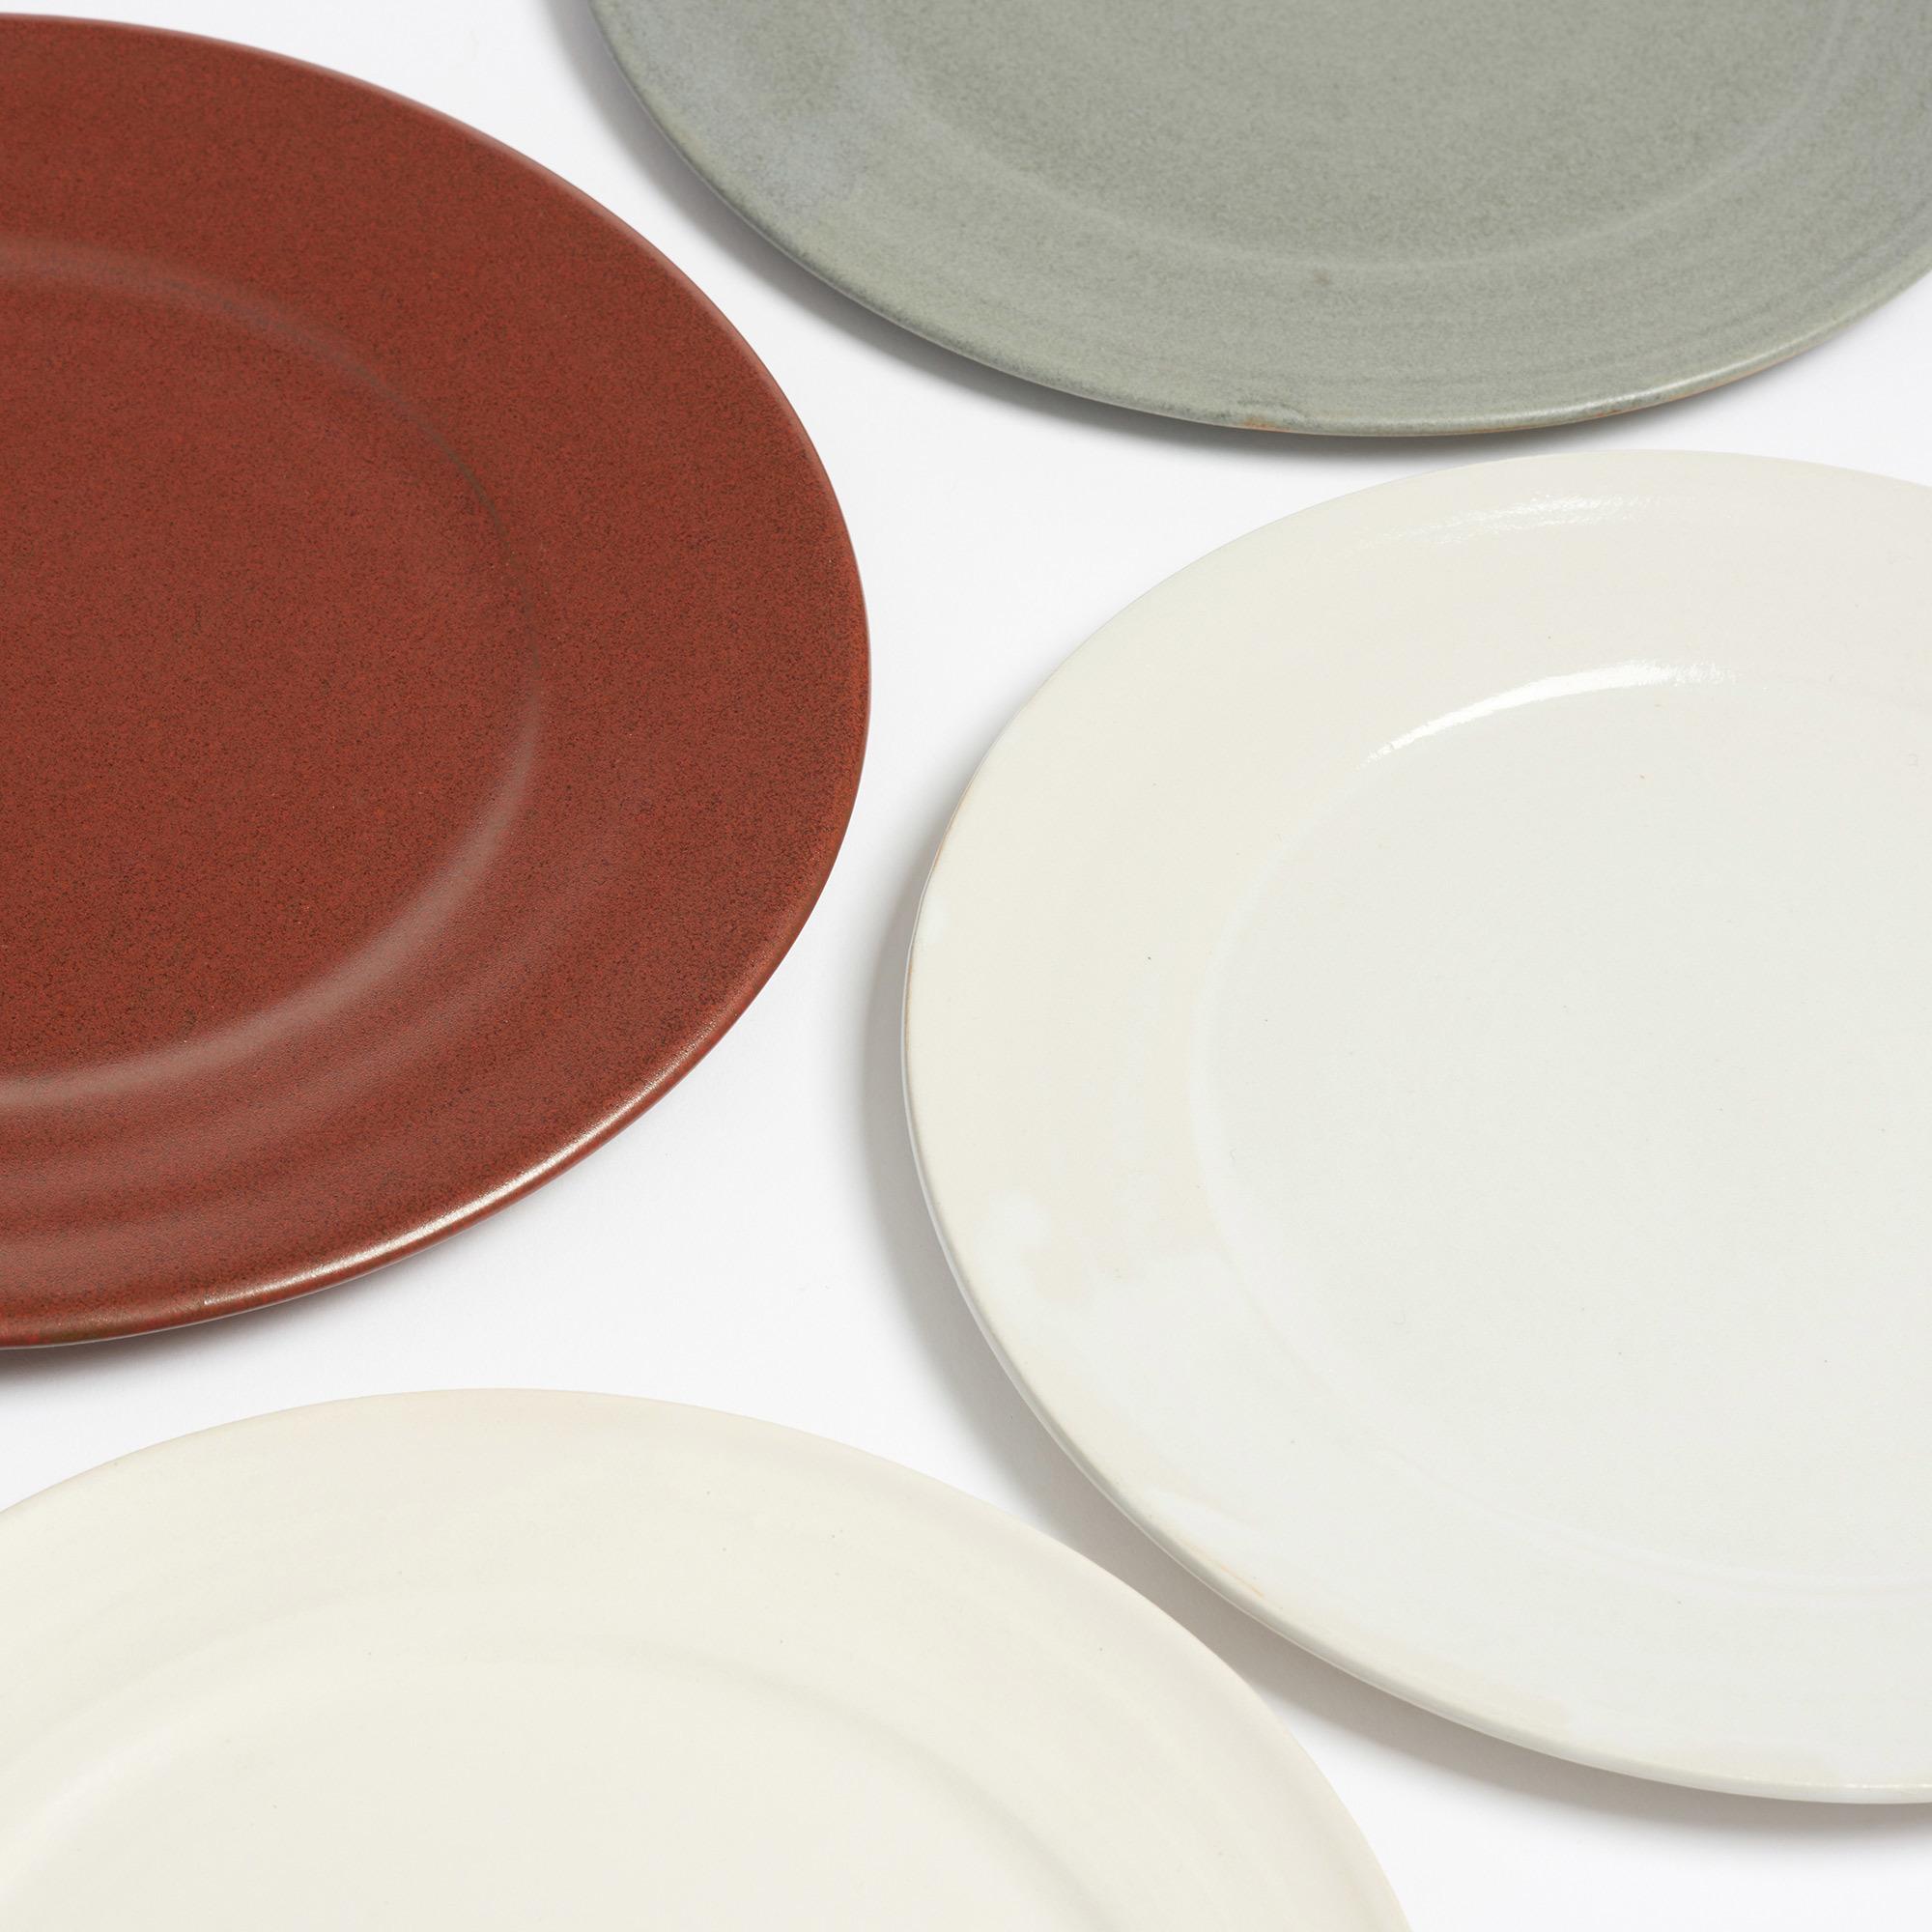 Arielle De Gasquet Off White Matte Glaze Dinner Plate The Garnered